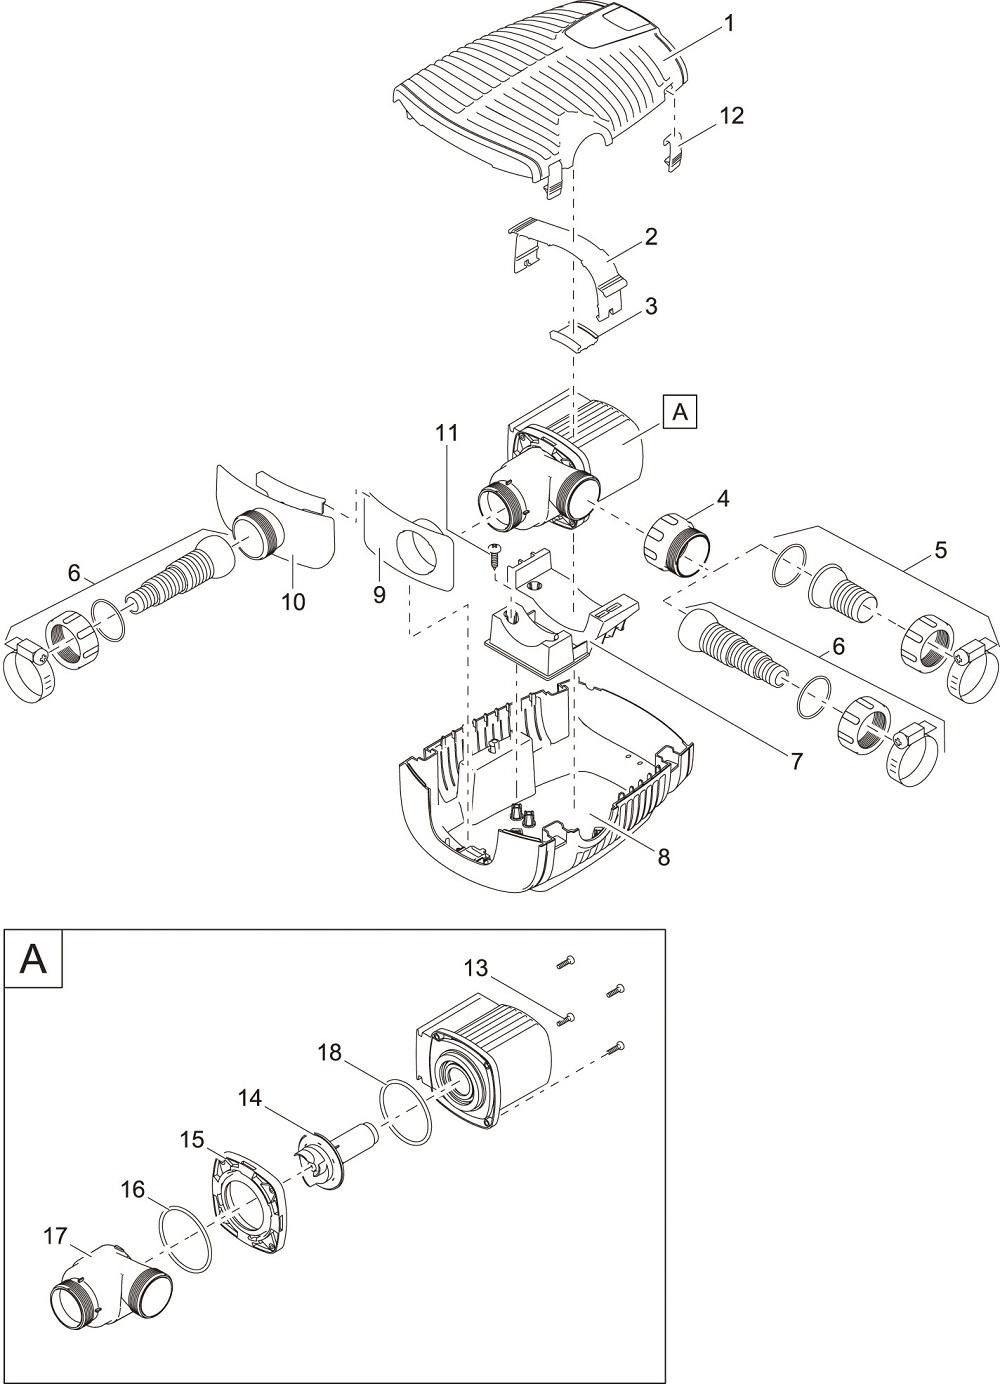 OASE104958-AquaMaxEcoPremium4000